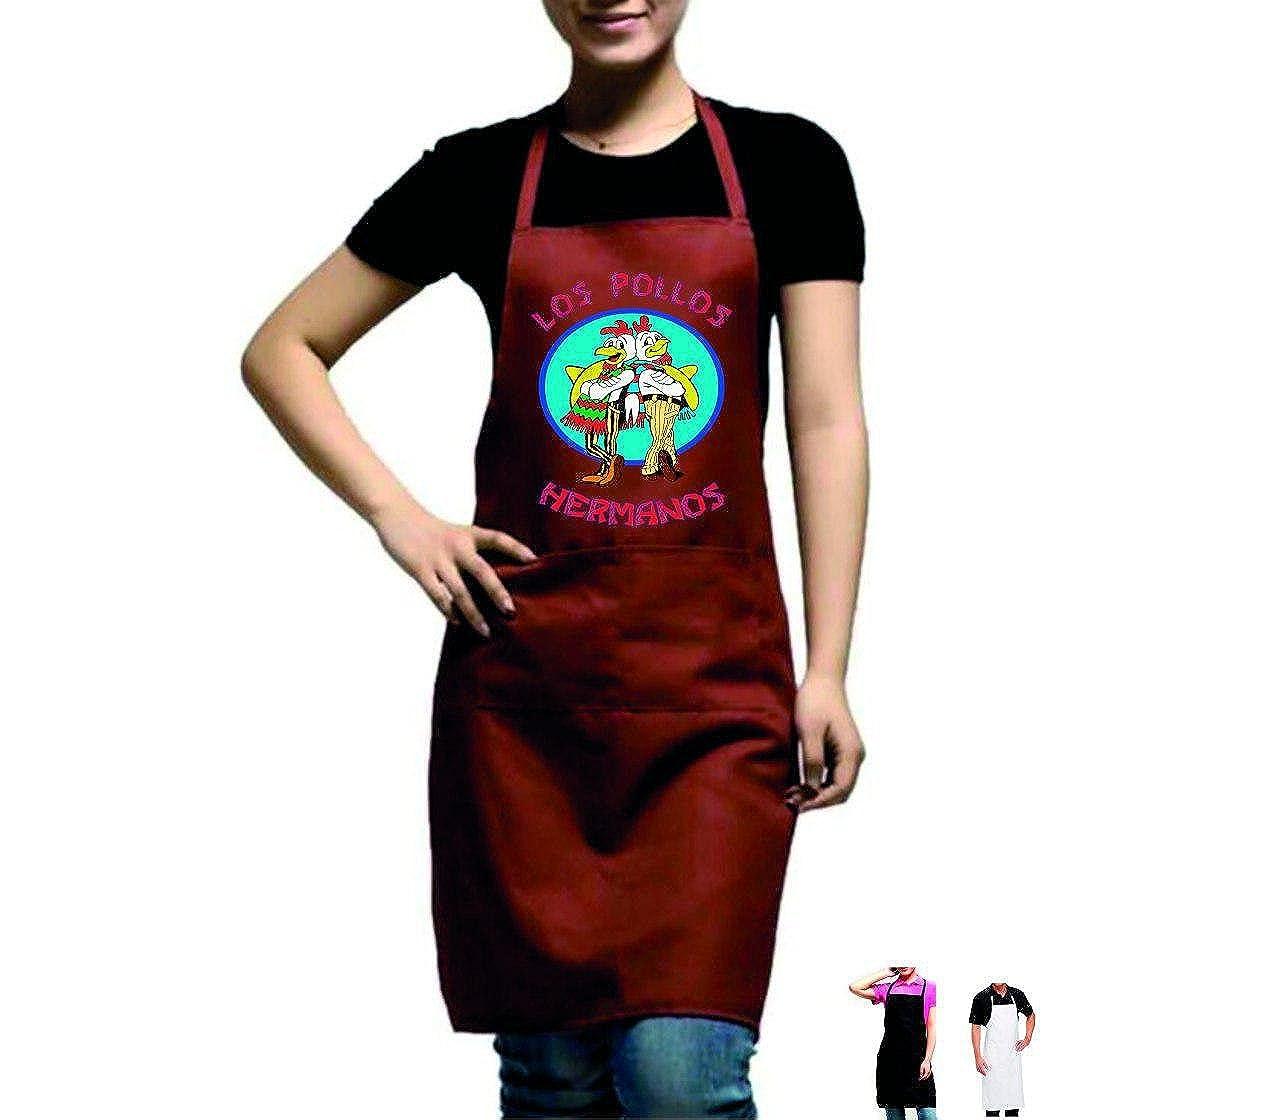 Grembiule da Cucina Los Pollos alberghiero e parannanza per ristorazione in Cucina. Divisa da Lavoro per Bar Pub ristoranti Alimentari cucine Cuoco enoteche e Catering Chef grembiule015